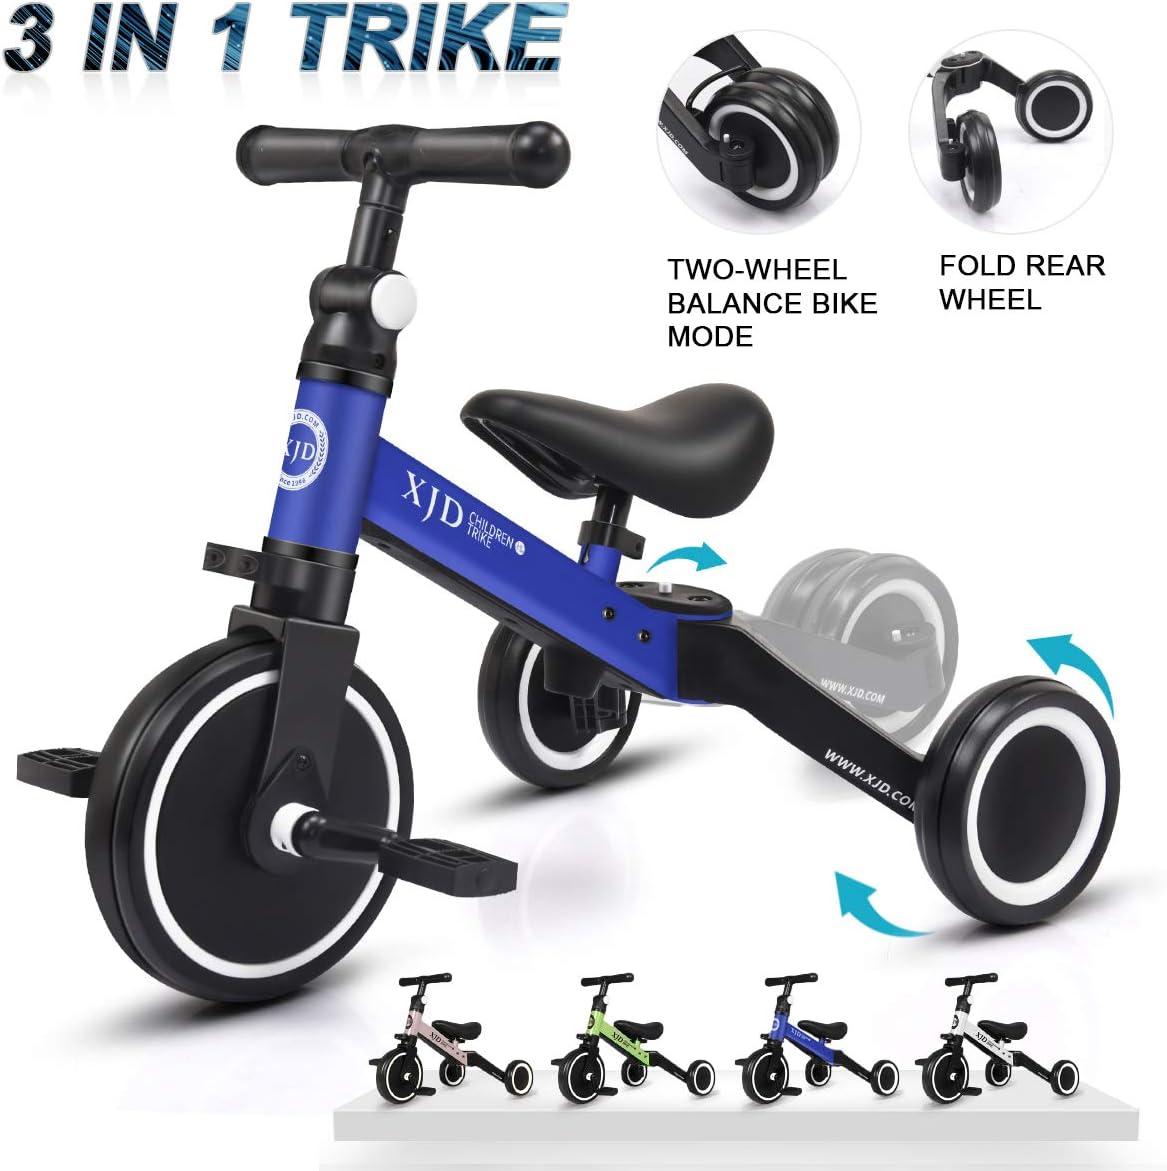 XJD 3 en 1 Triciclo para Niños con Pedales Ligero y Plegable Triciclo Bicicleta para Niño y Niña de 2 a 4 años con CE Certificación con Bolsa de Transporte (Azul Oscuro)